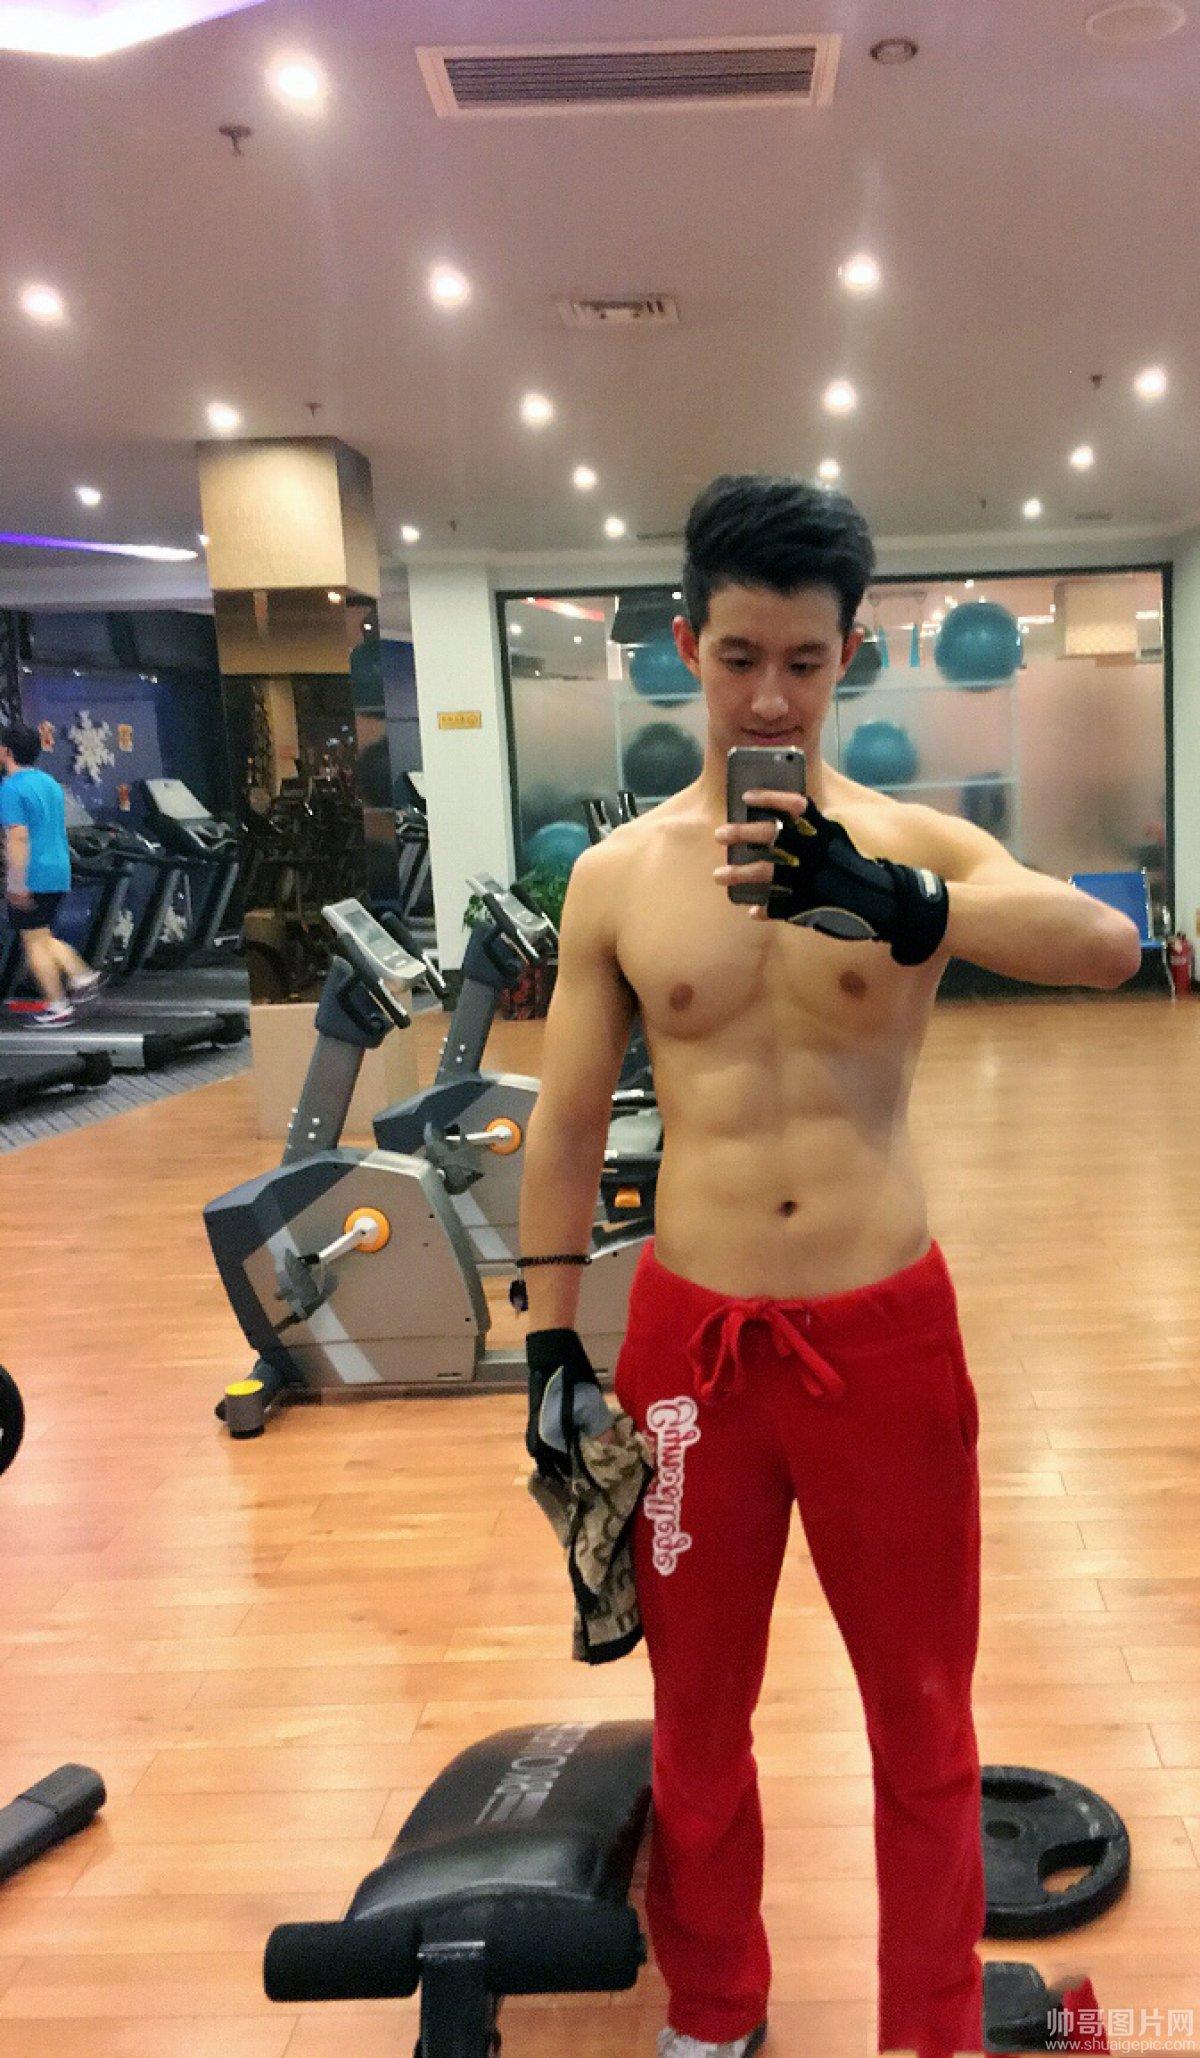 篮球帅哥宇飞的沦陷-北京大学生秀性感腹肌,健身帅哥房健身帅哥照片